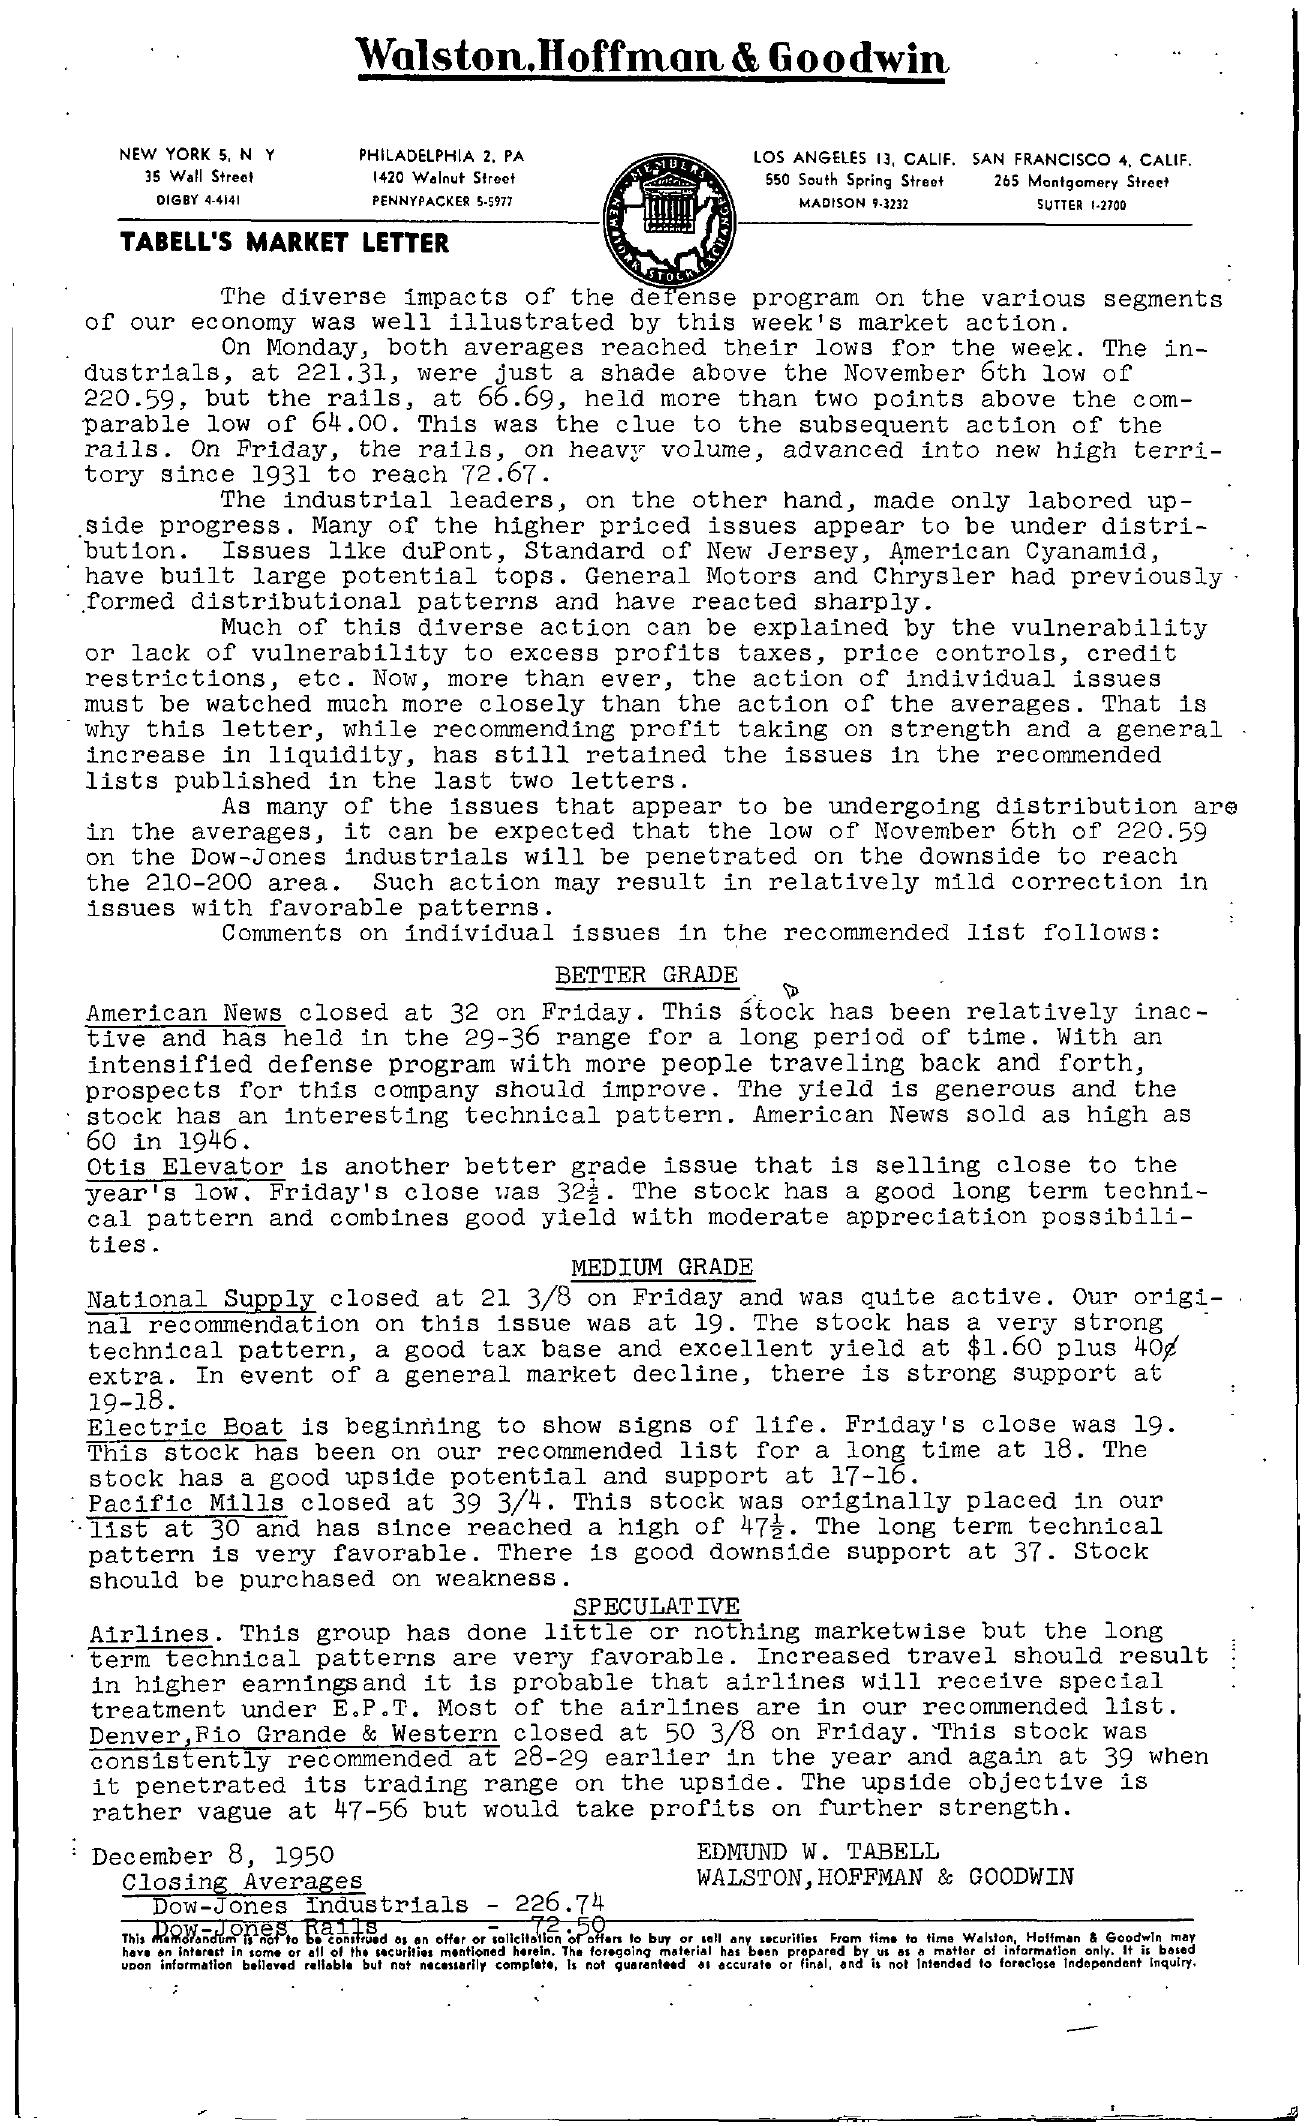 Tabell's Market Letter - December 08, 1950